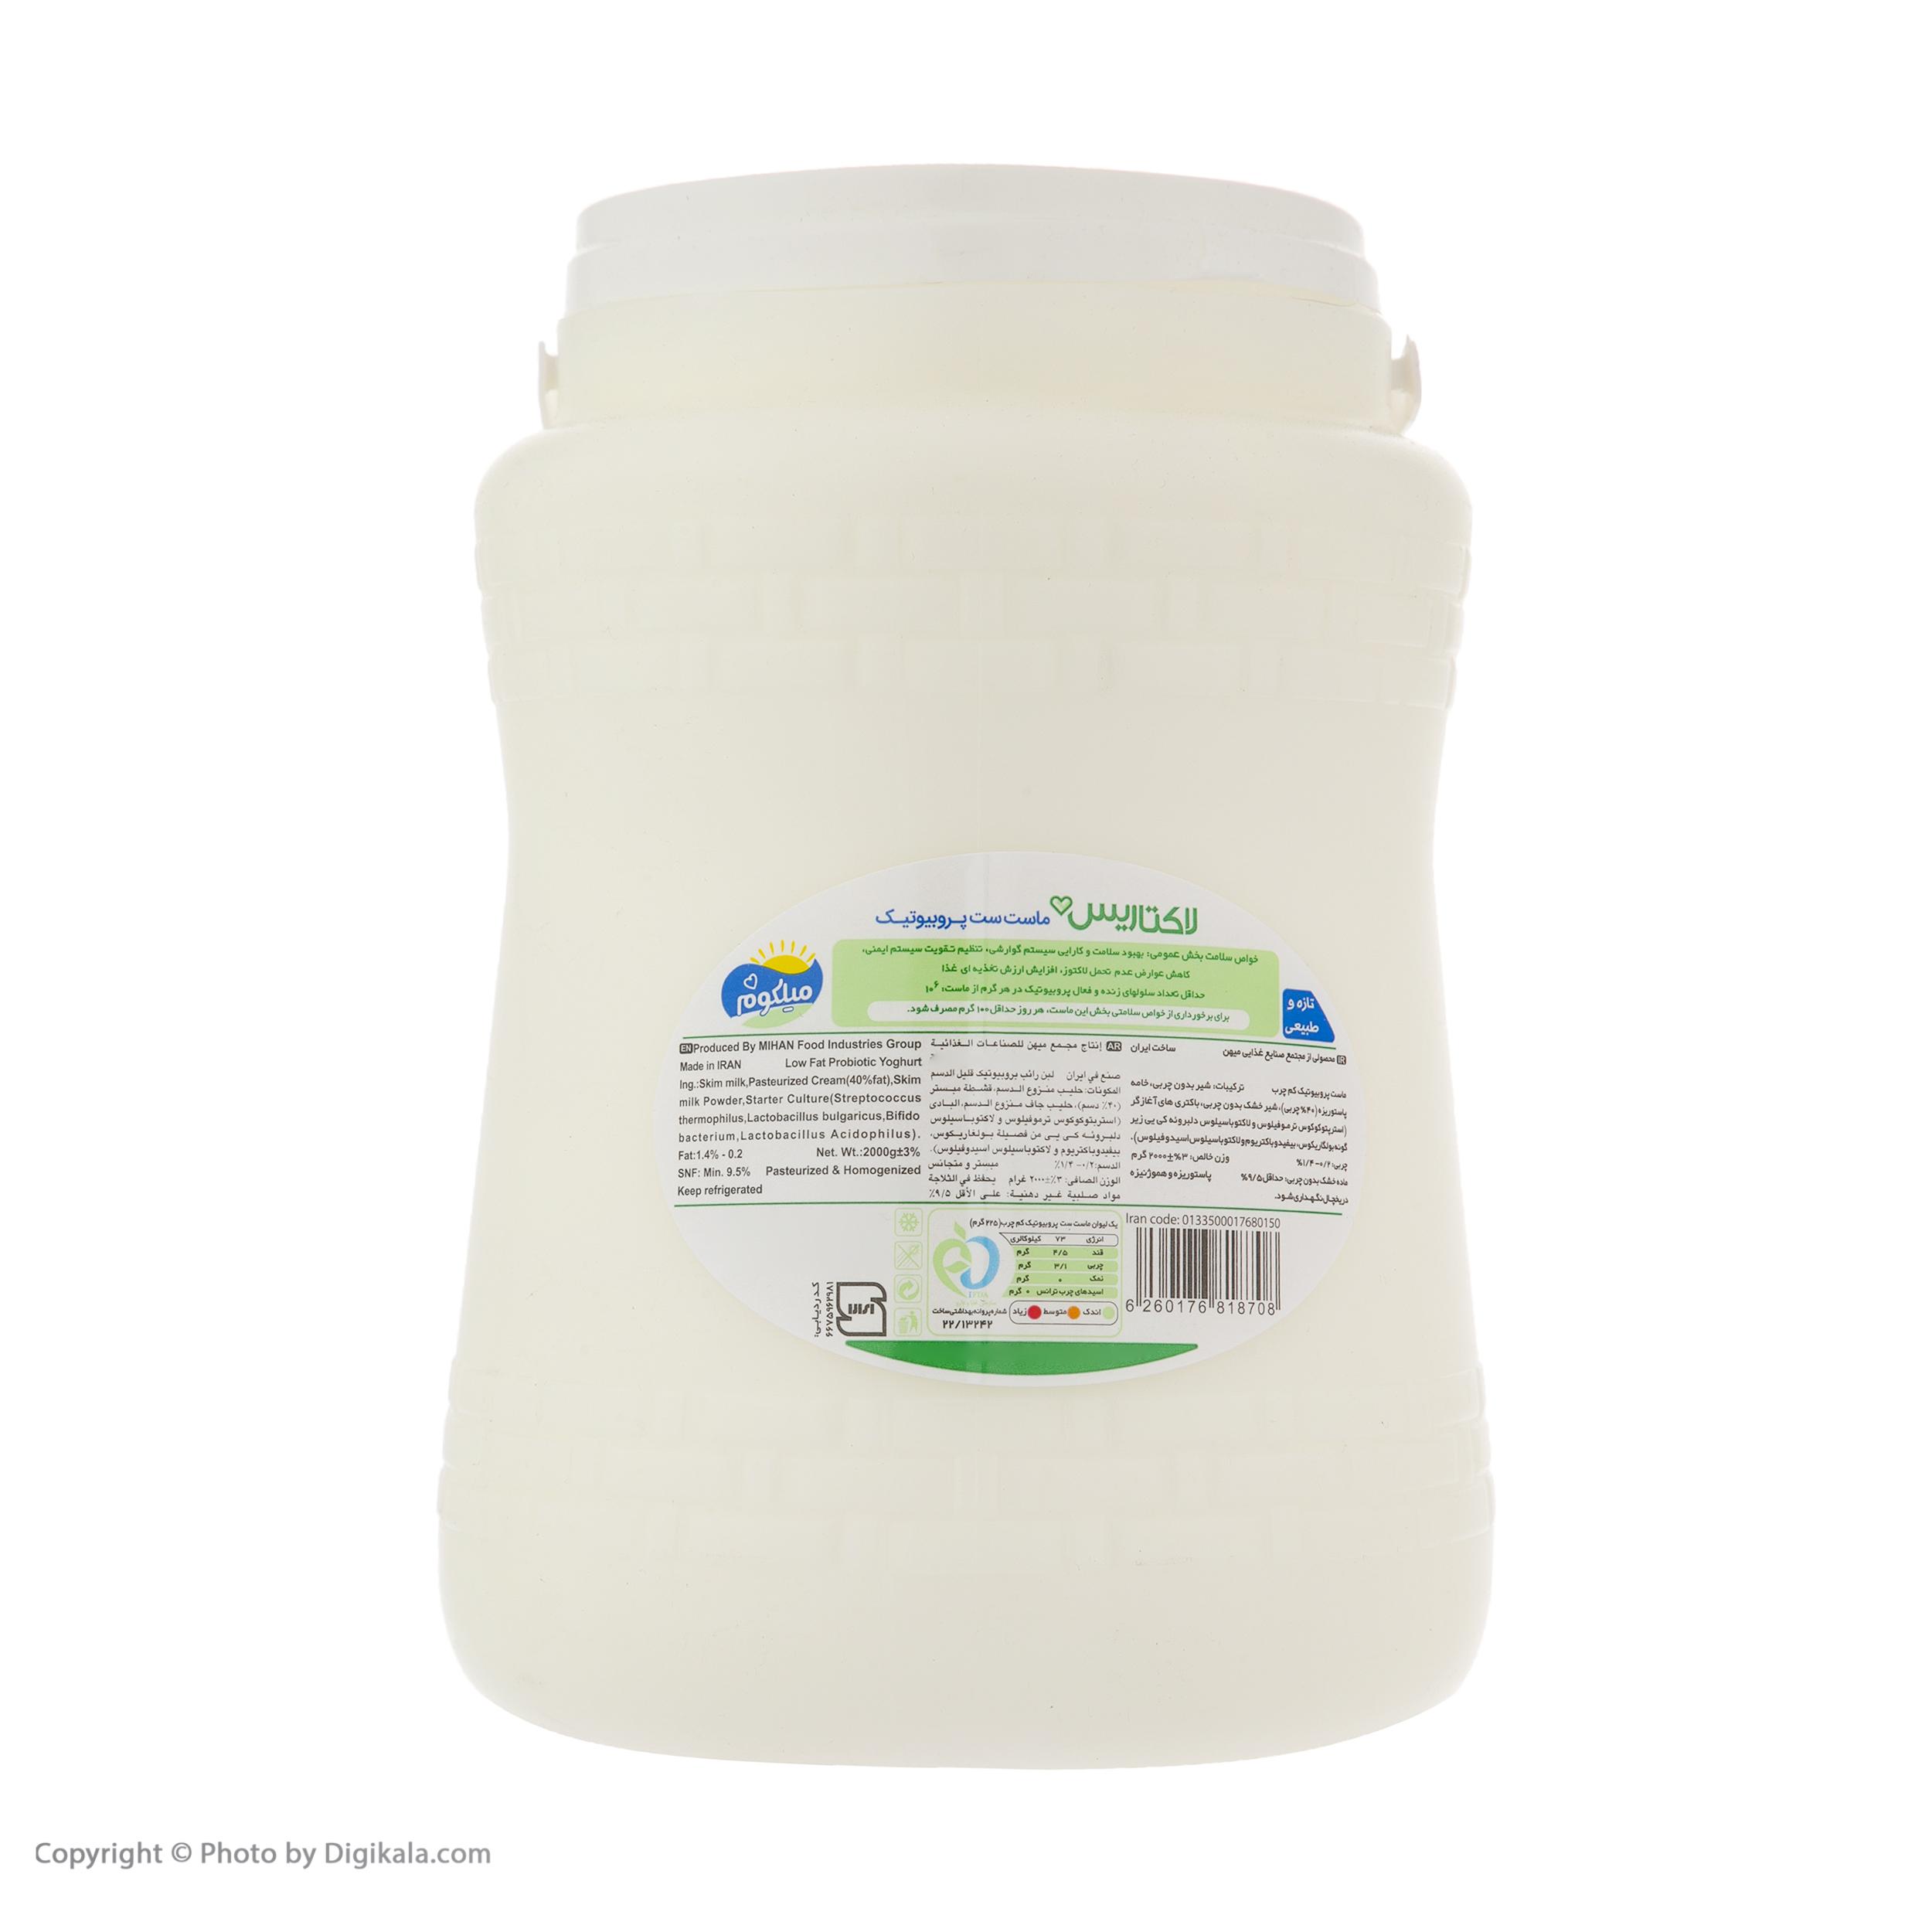 ماست ست لاکتاریس پروبیوتیک میهن مقدار 2 کیلو گرم main 1 8